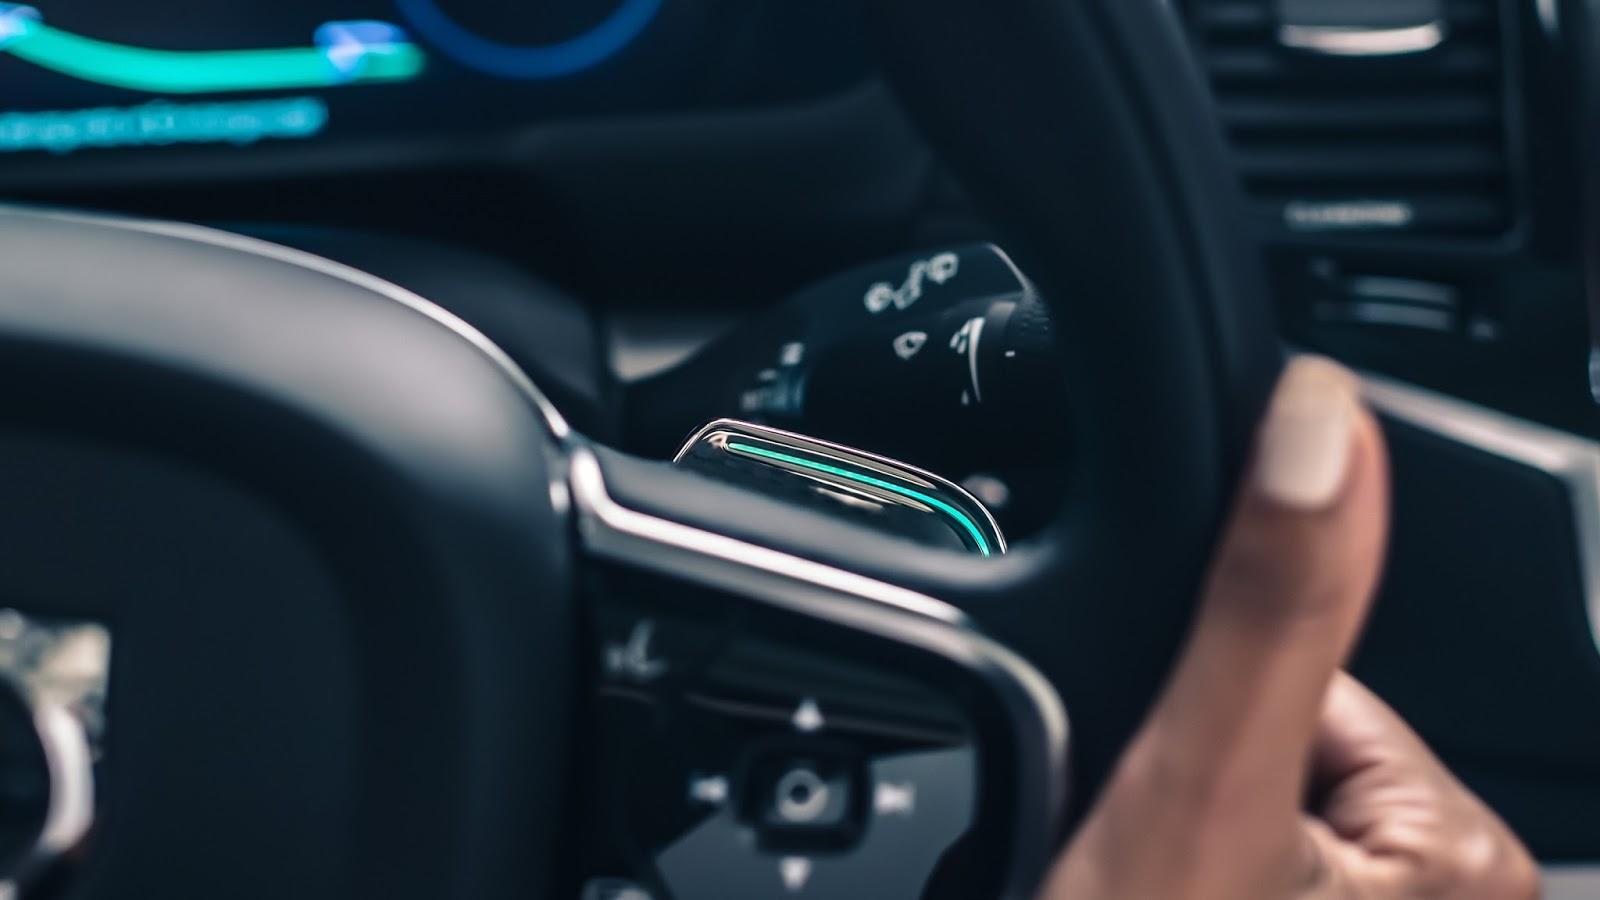 VOLVO AUTO%2BPILOT%2BINTELLISAFE 3 Το 2017 η Volvo θα βγάλει στο δρόμο 100 αυτόνομα αυτοκίνητα